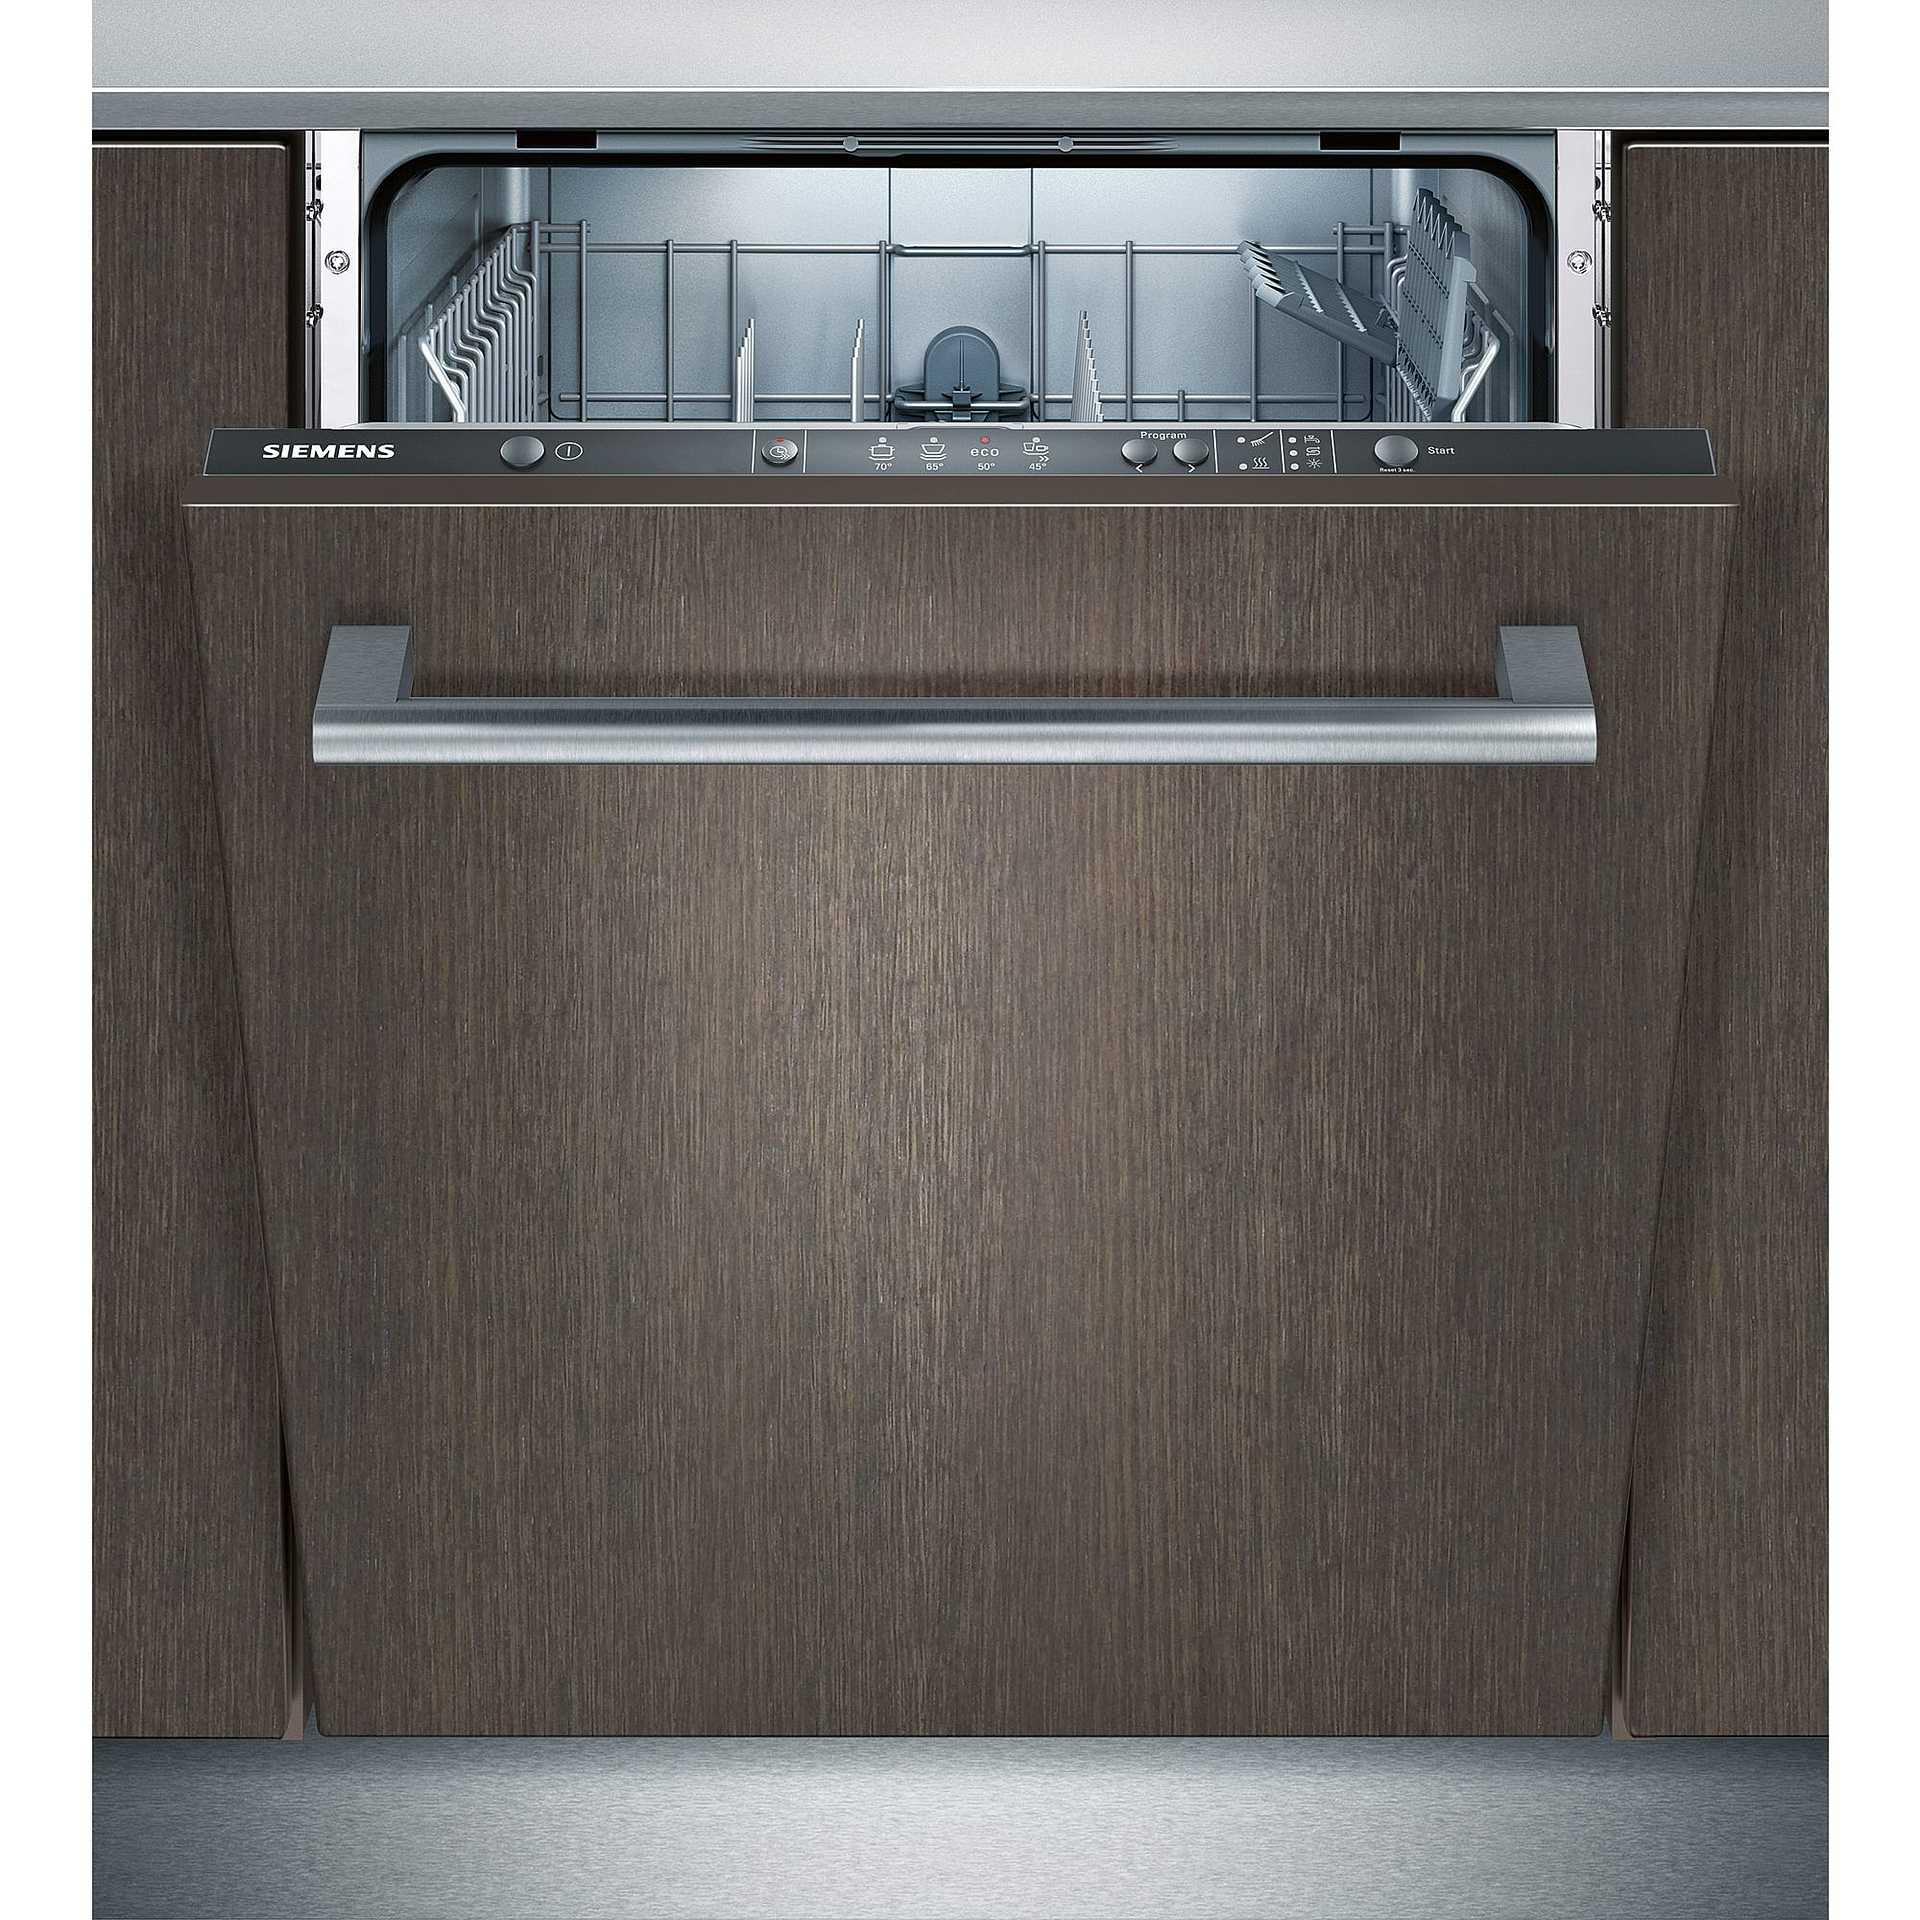 Siemens sn64d002eu lavastoviglie a scomparsa totale 12 for Lavastoviglie 4 coperti